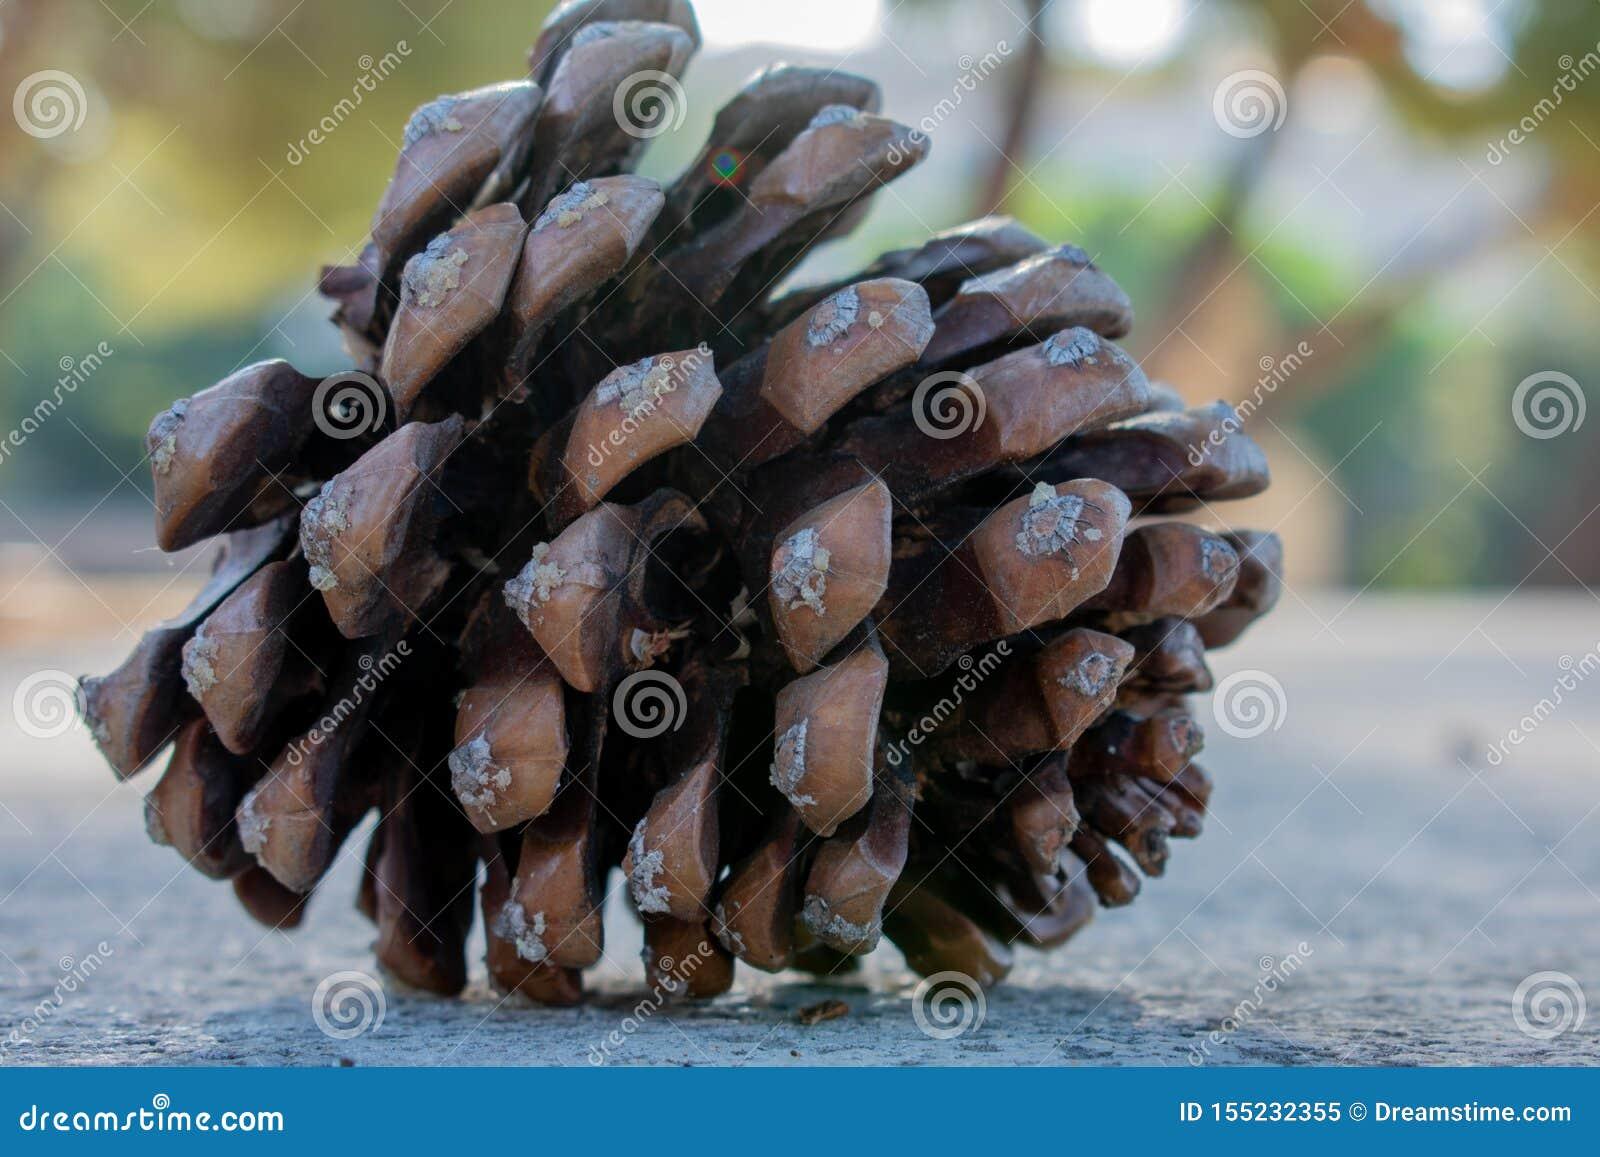 Visualização de um fruto do pinho